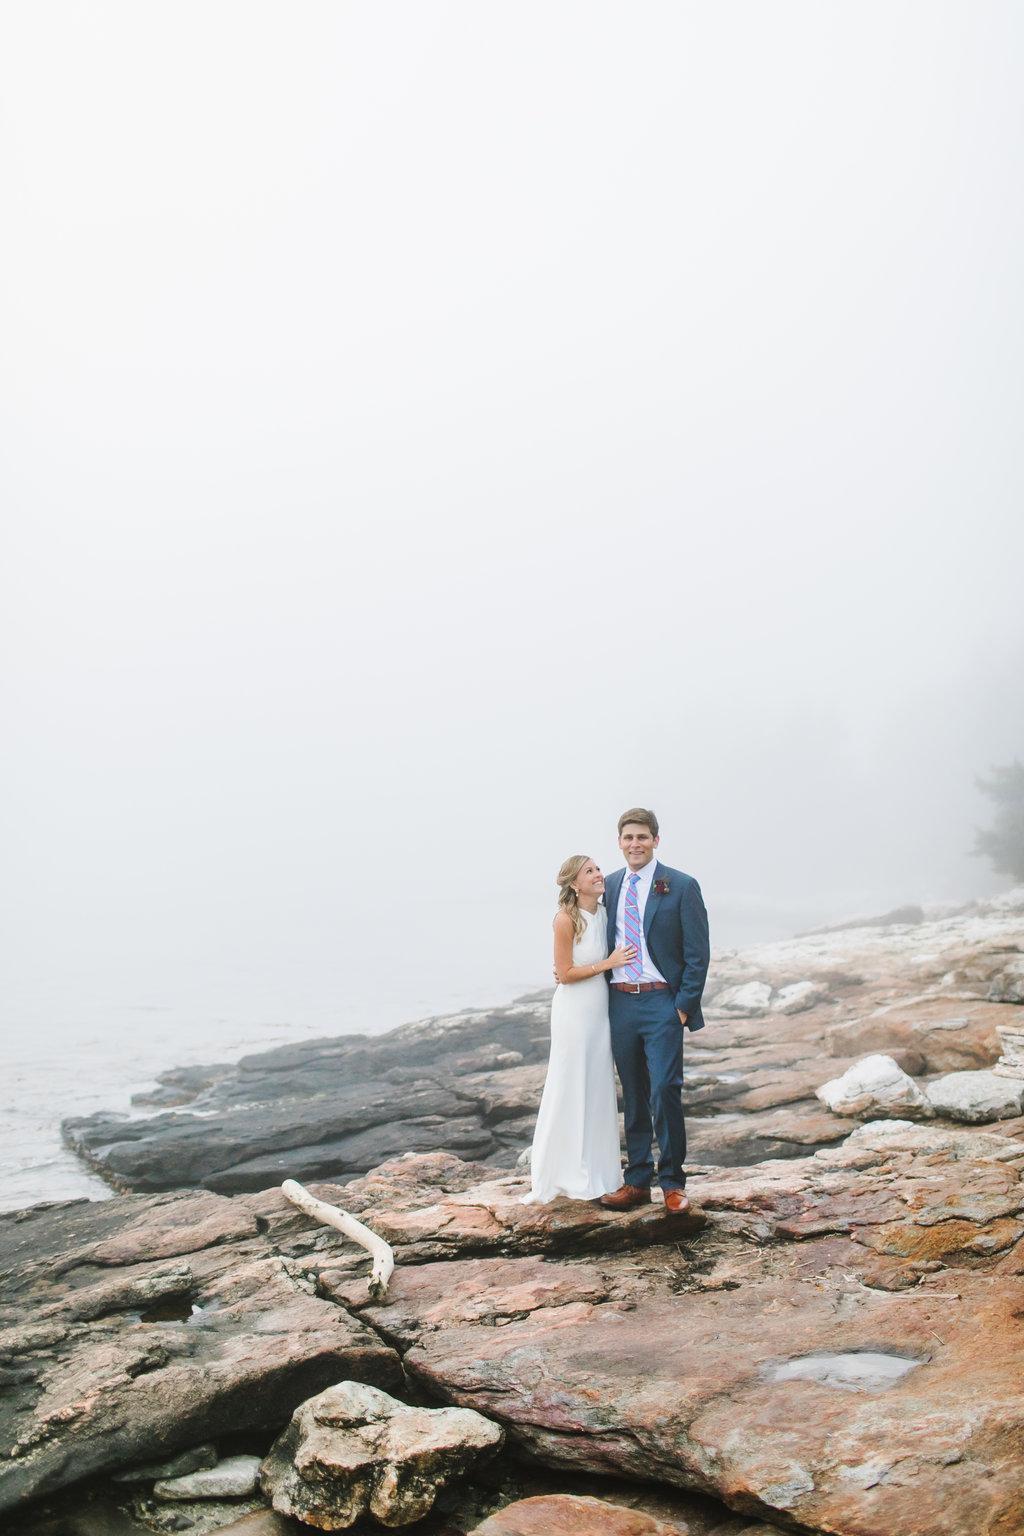 Erin+StevenWedding-EmilyTebbettsPhotography--551.jpg